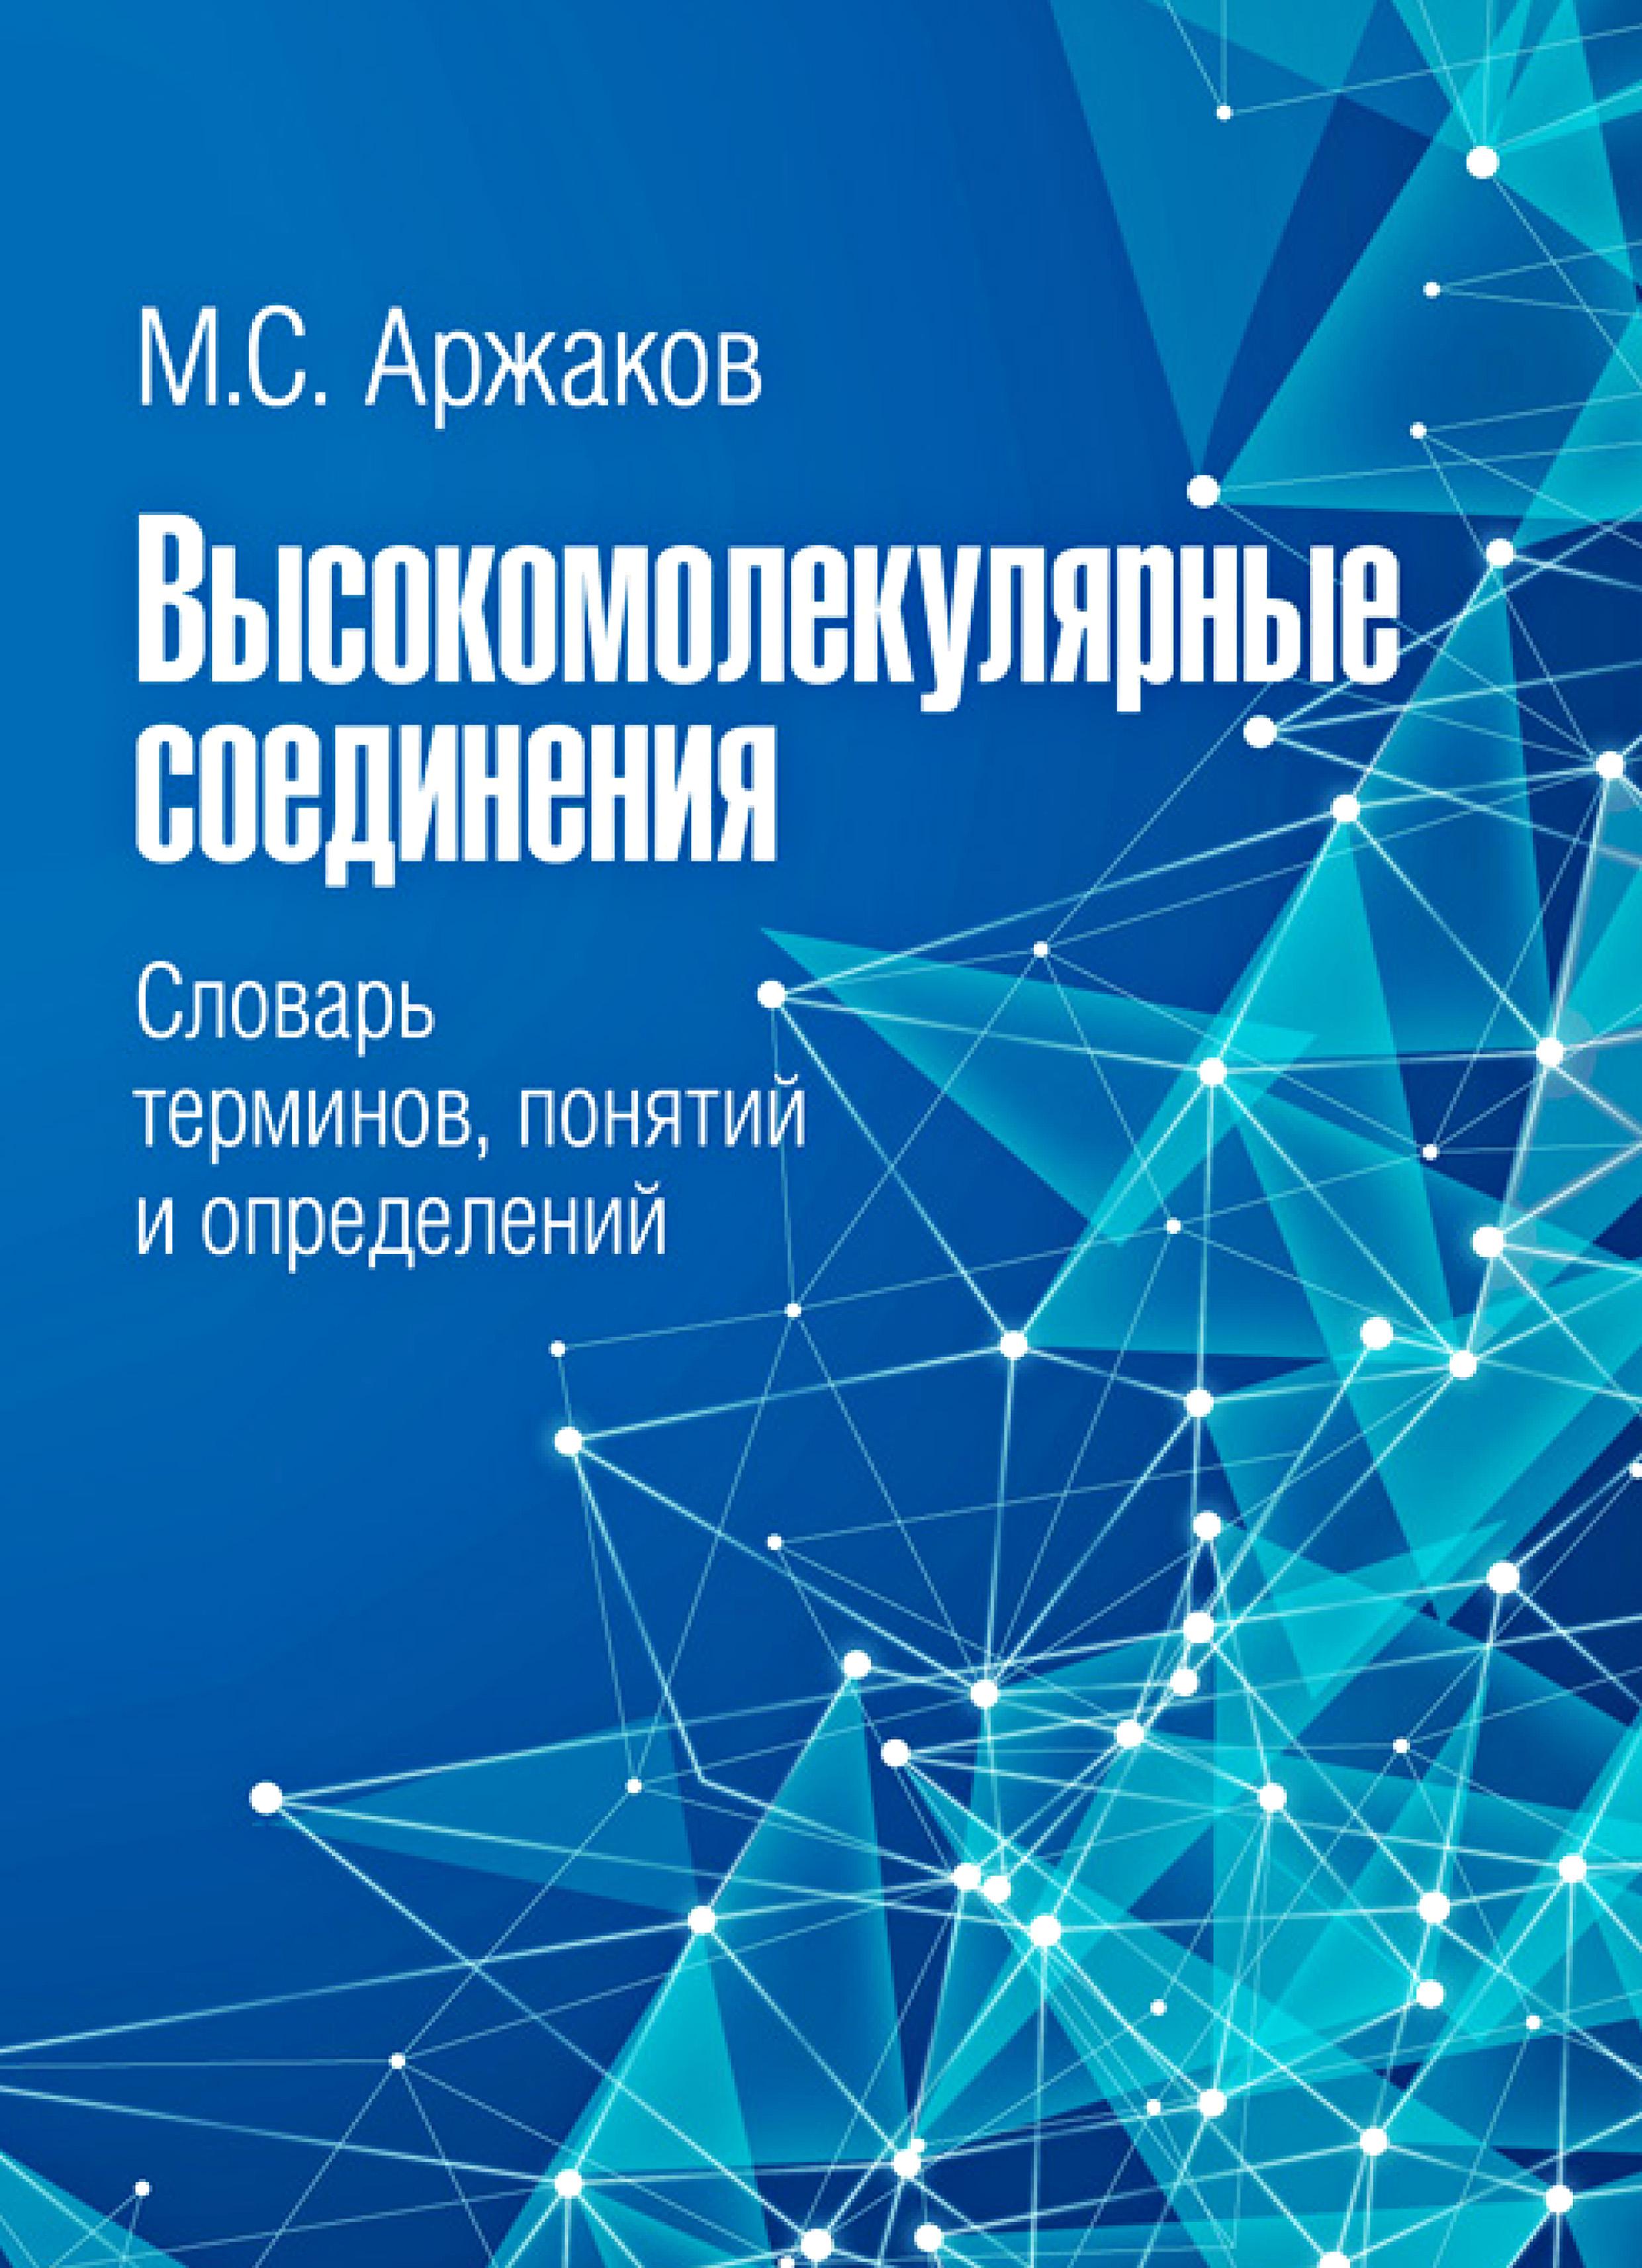 М. С. Аржаков Высокомолекулярные соединения. Словарь терминов, понятий и определений цена